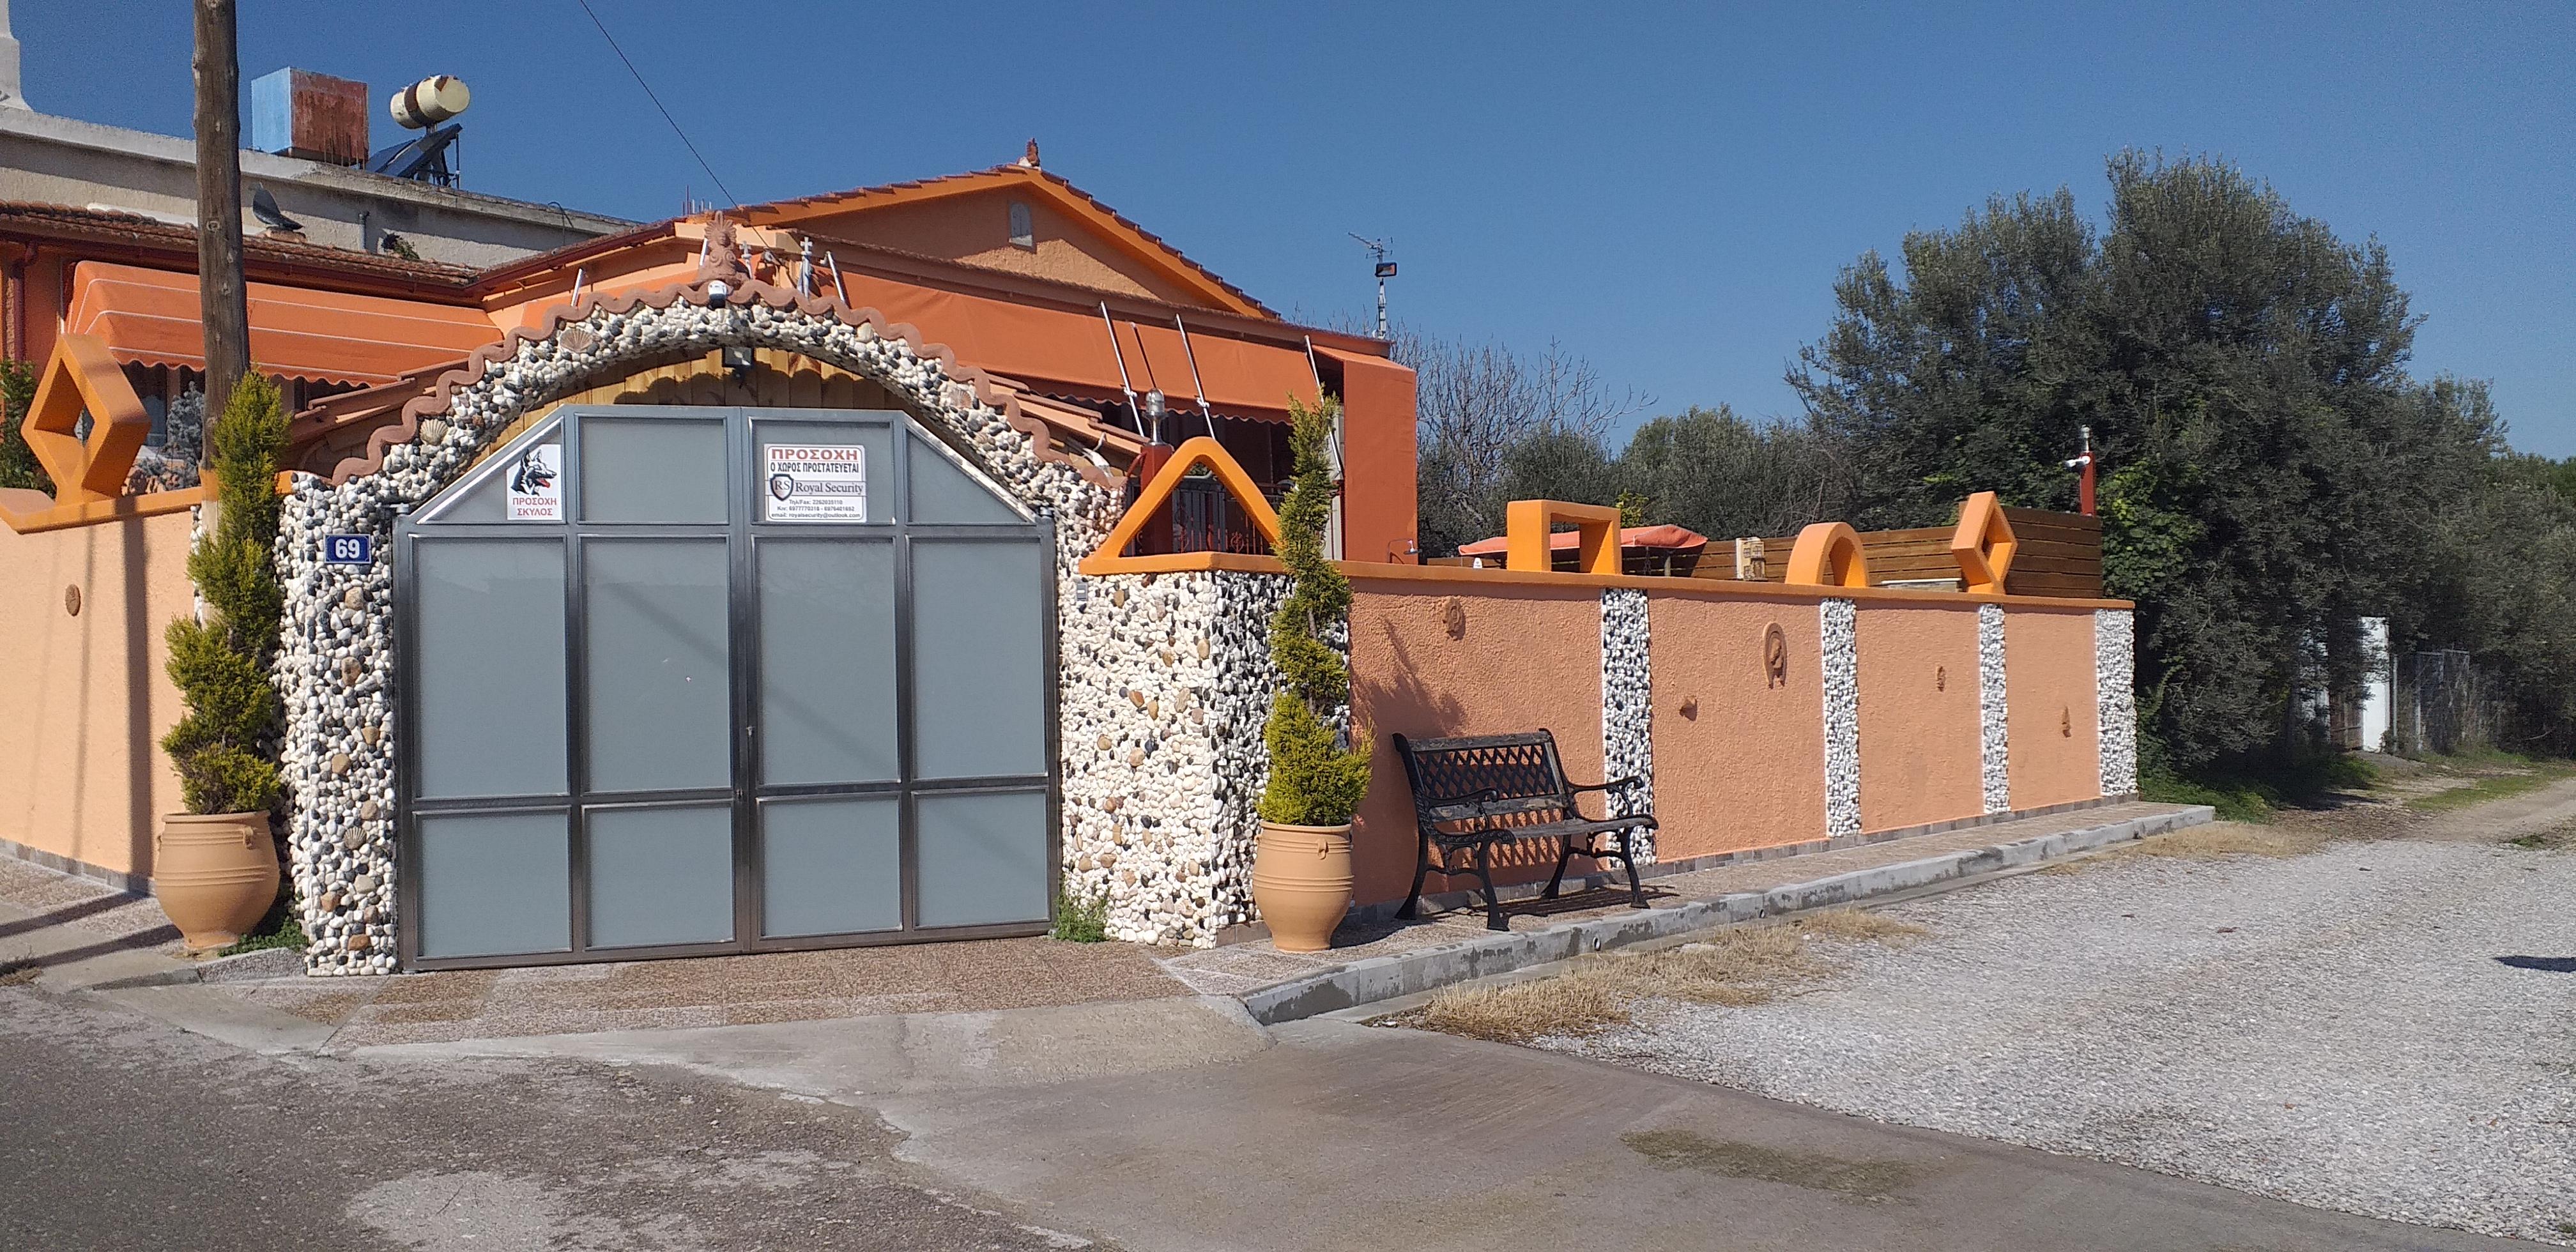 Πωλείται 90 τ.μ πολυτελή μονοκατοικία στο Δήλεσι